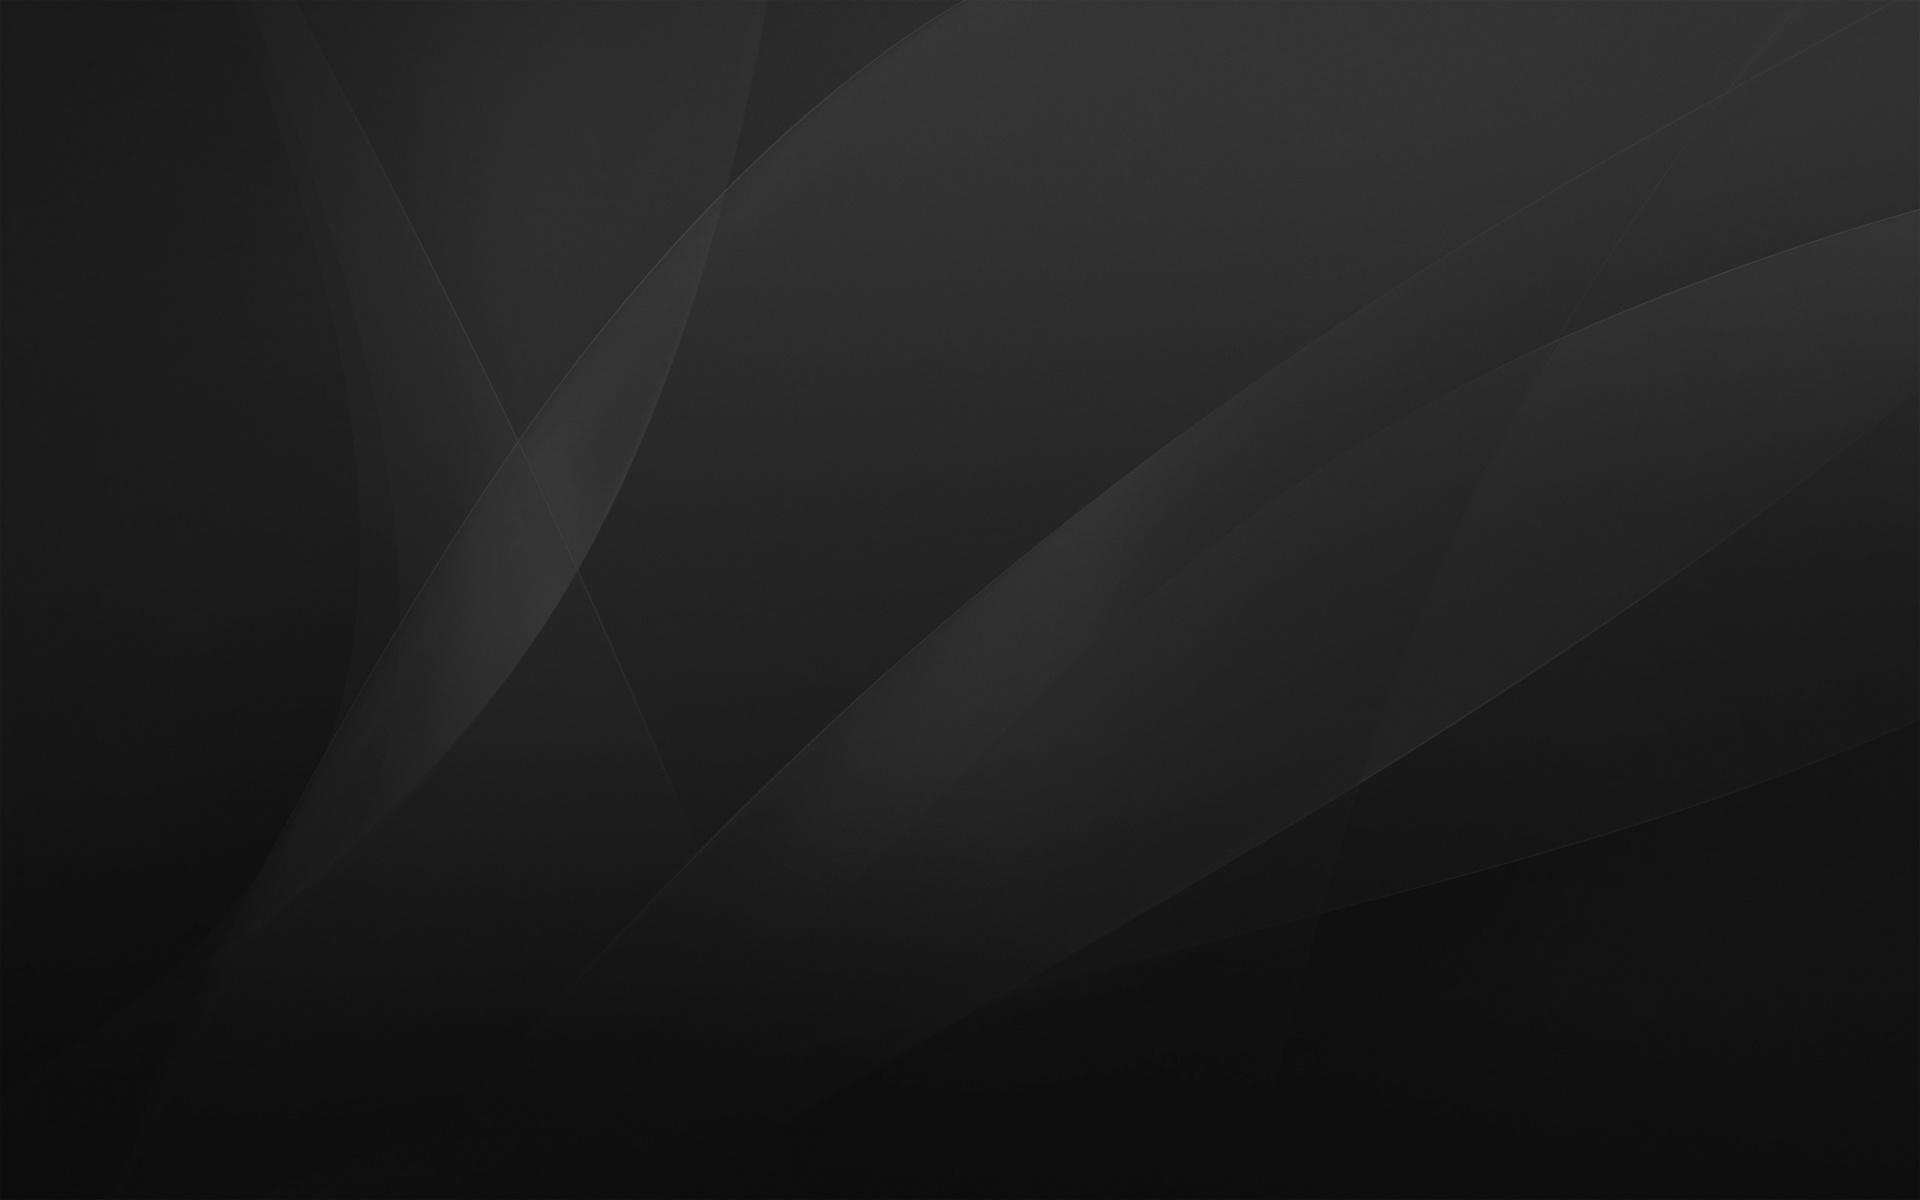 Glossy Black Wallpaper - WallpaperSafari